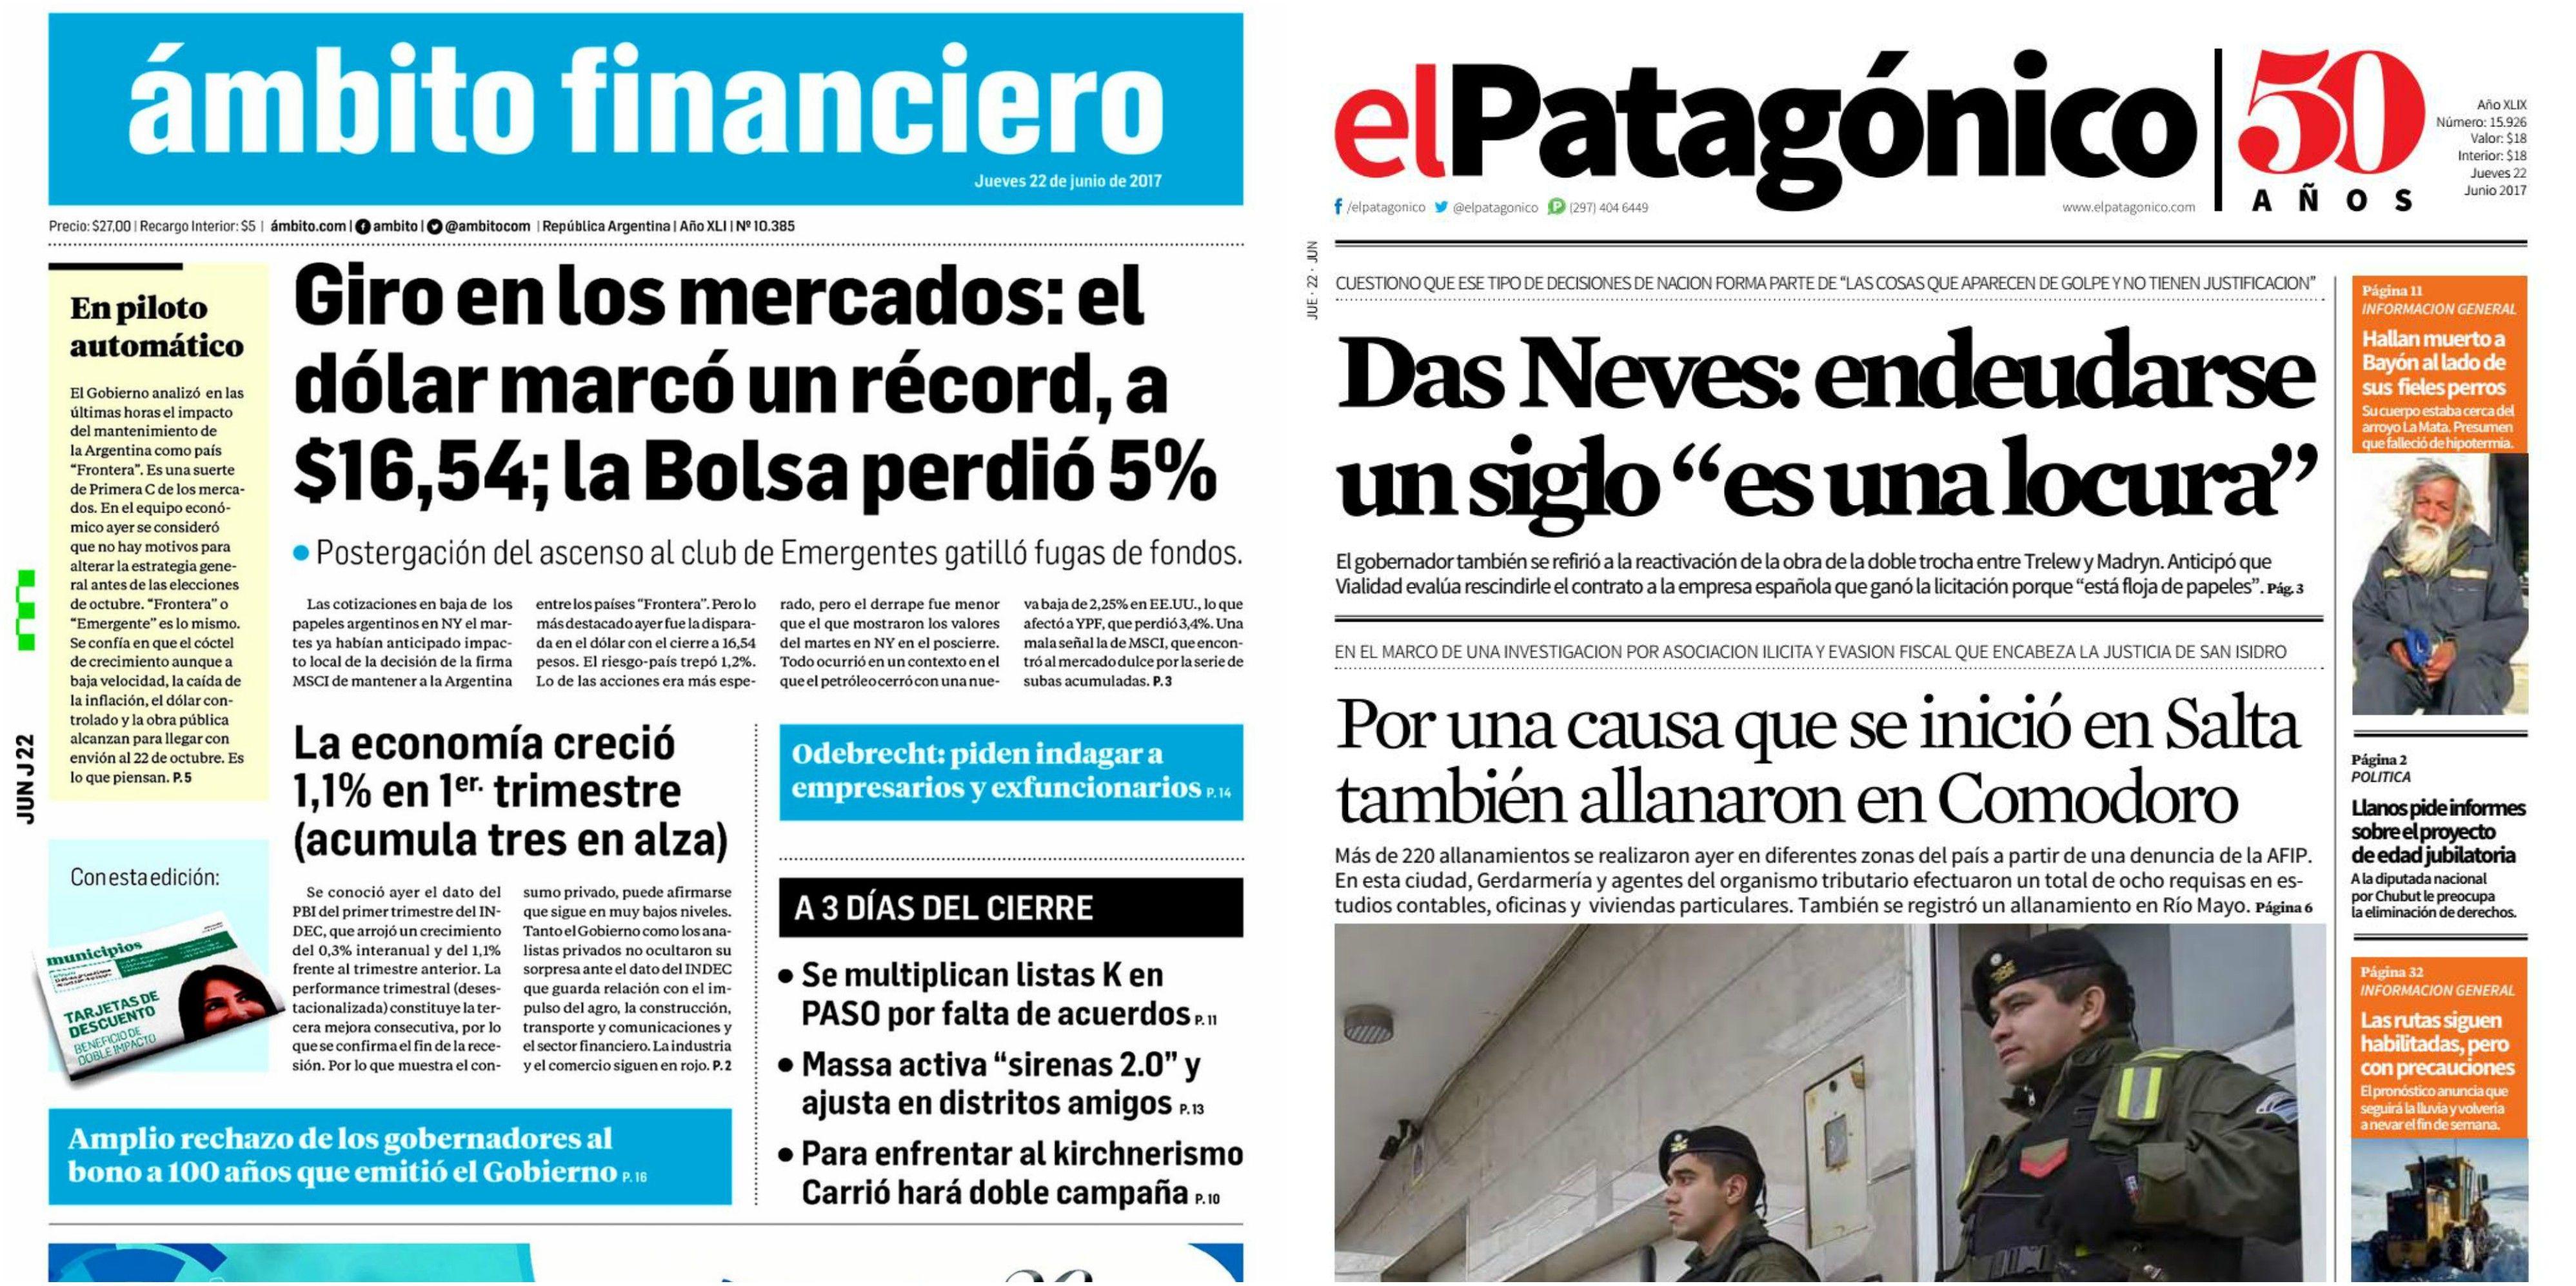 Tapas de diarios del jueves 22 de junio de 2017